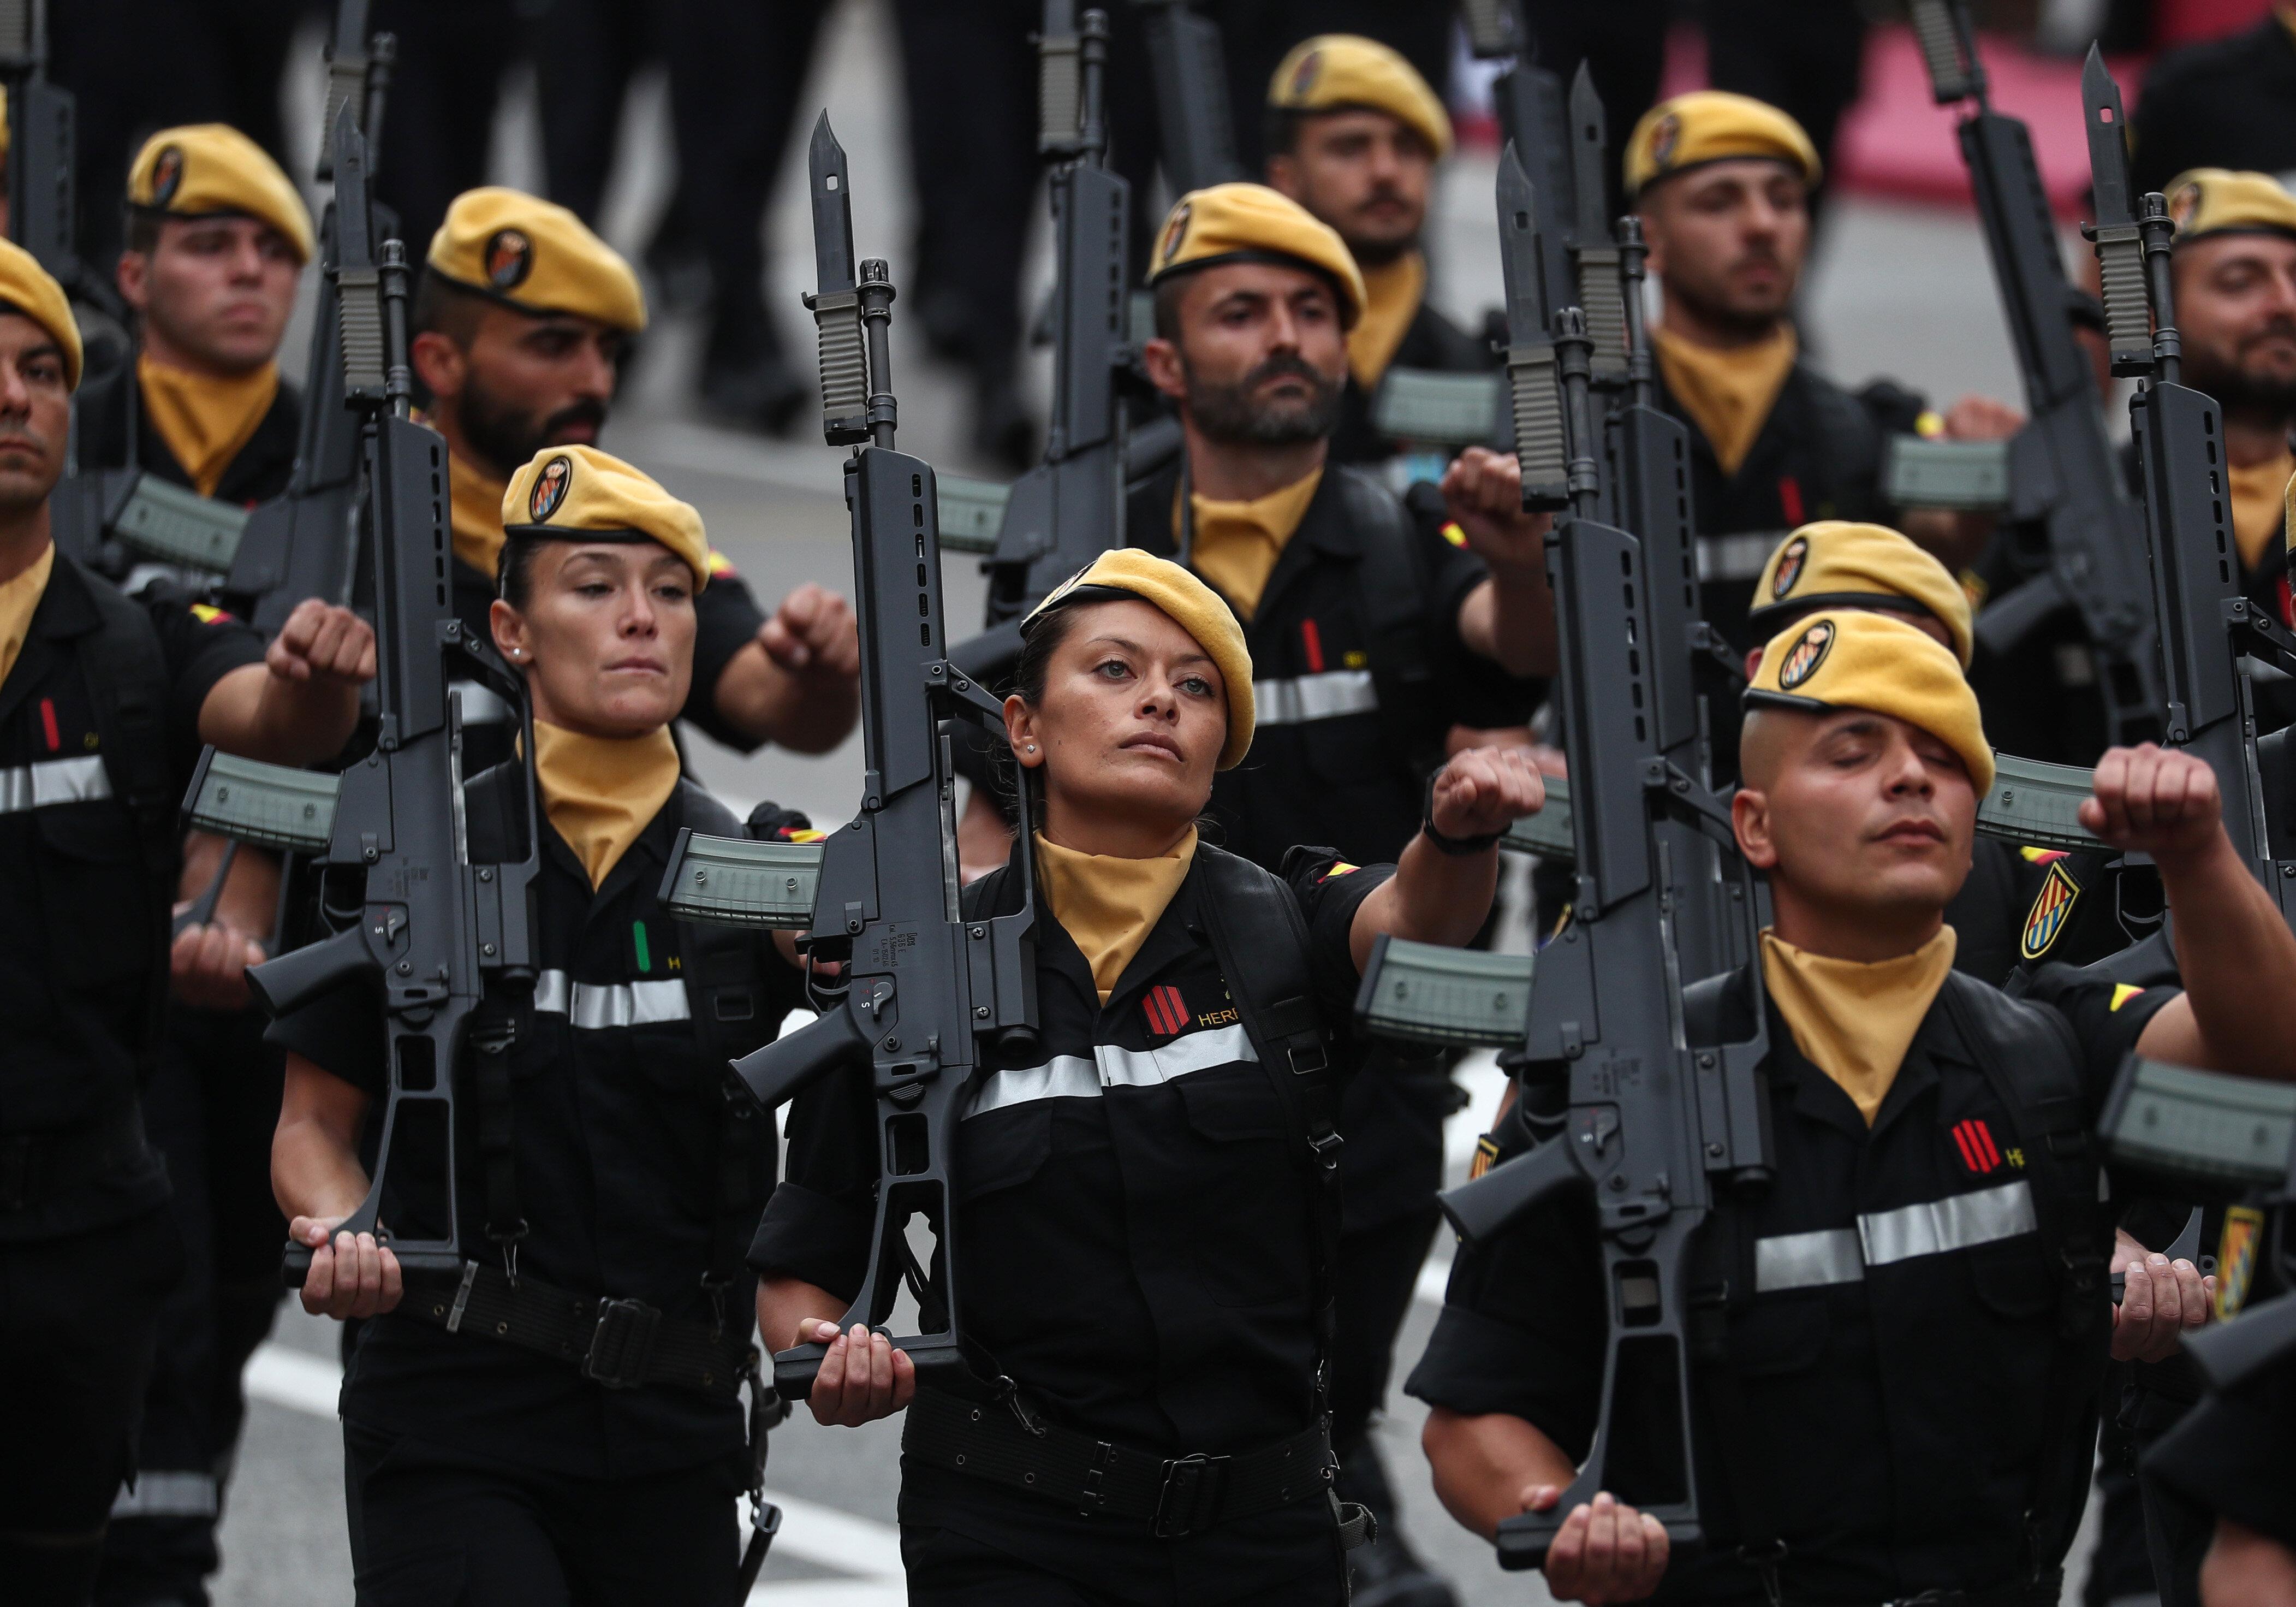 Más de 1.200 militares saldrán de las Fuerzas Armadas en 2020 por cumplir 45 años, 50.000 hasta 2036